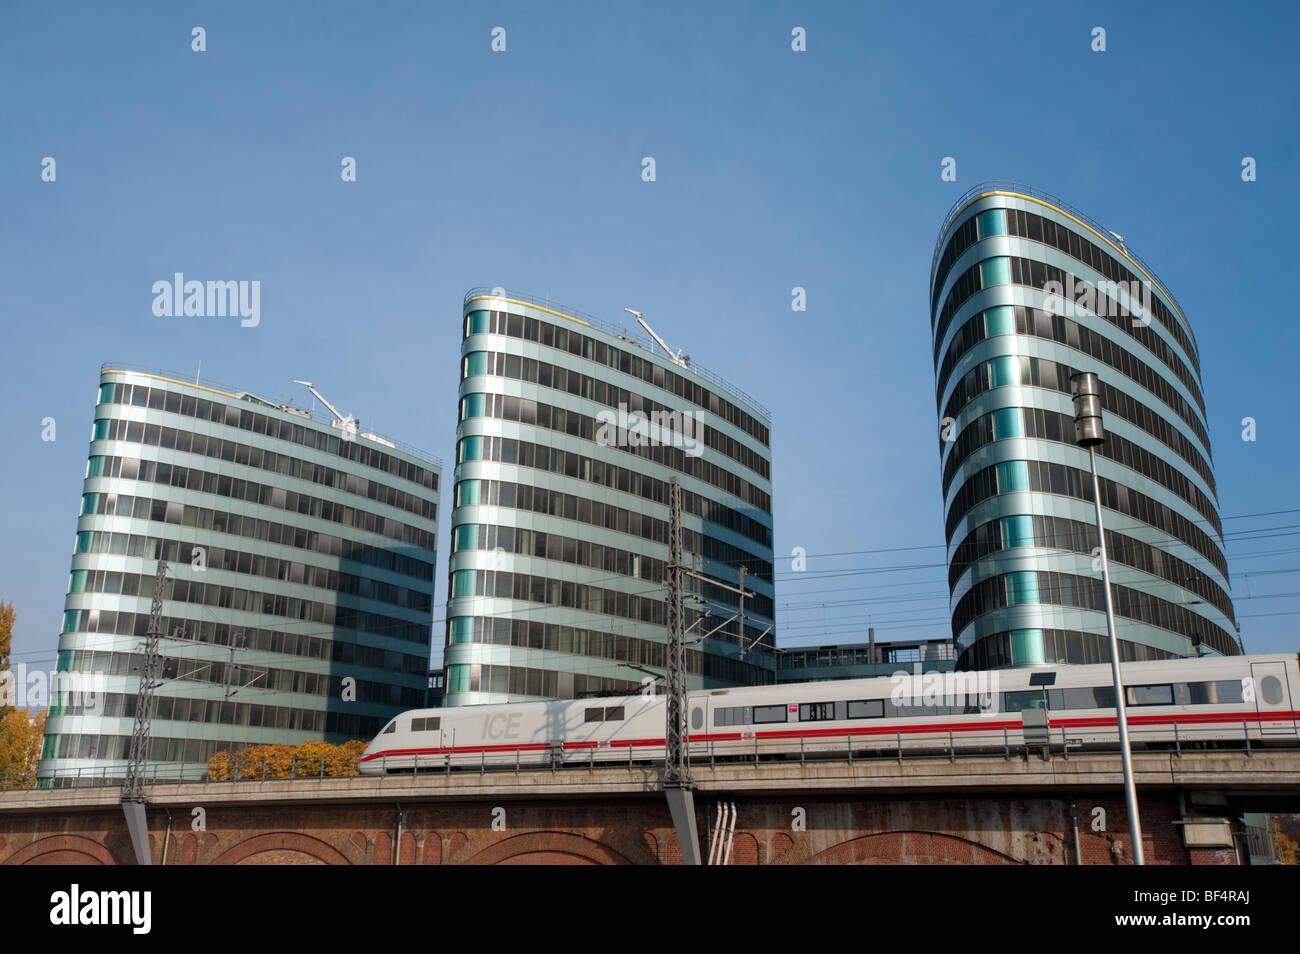 TRIAS les immeubles de bureaux et une formation dans le centre de Berlin, Allemagne Photo Stock